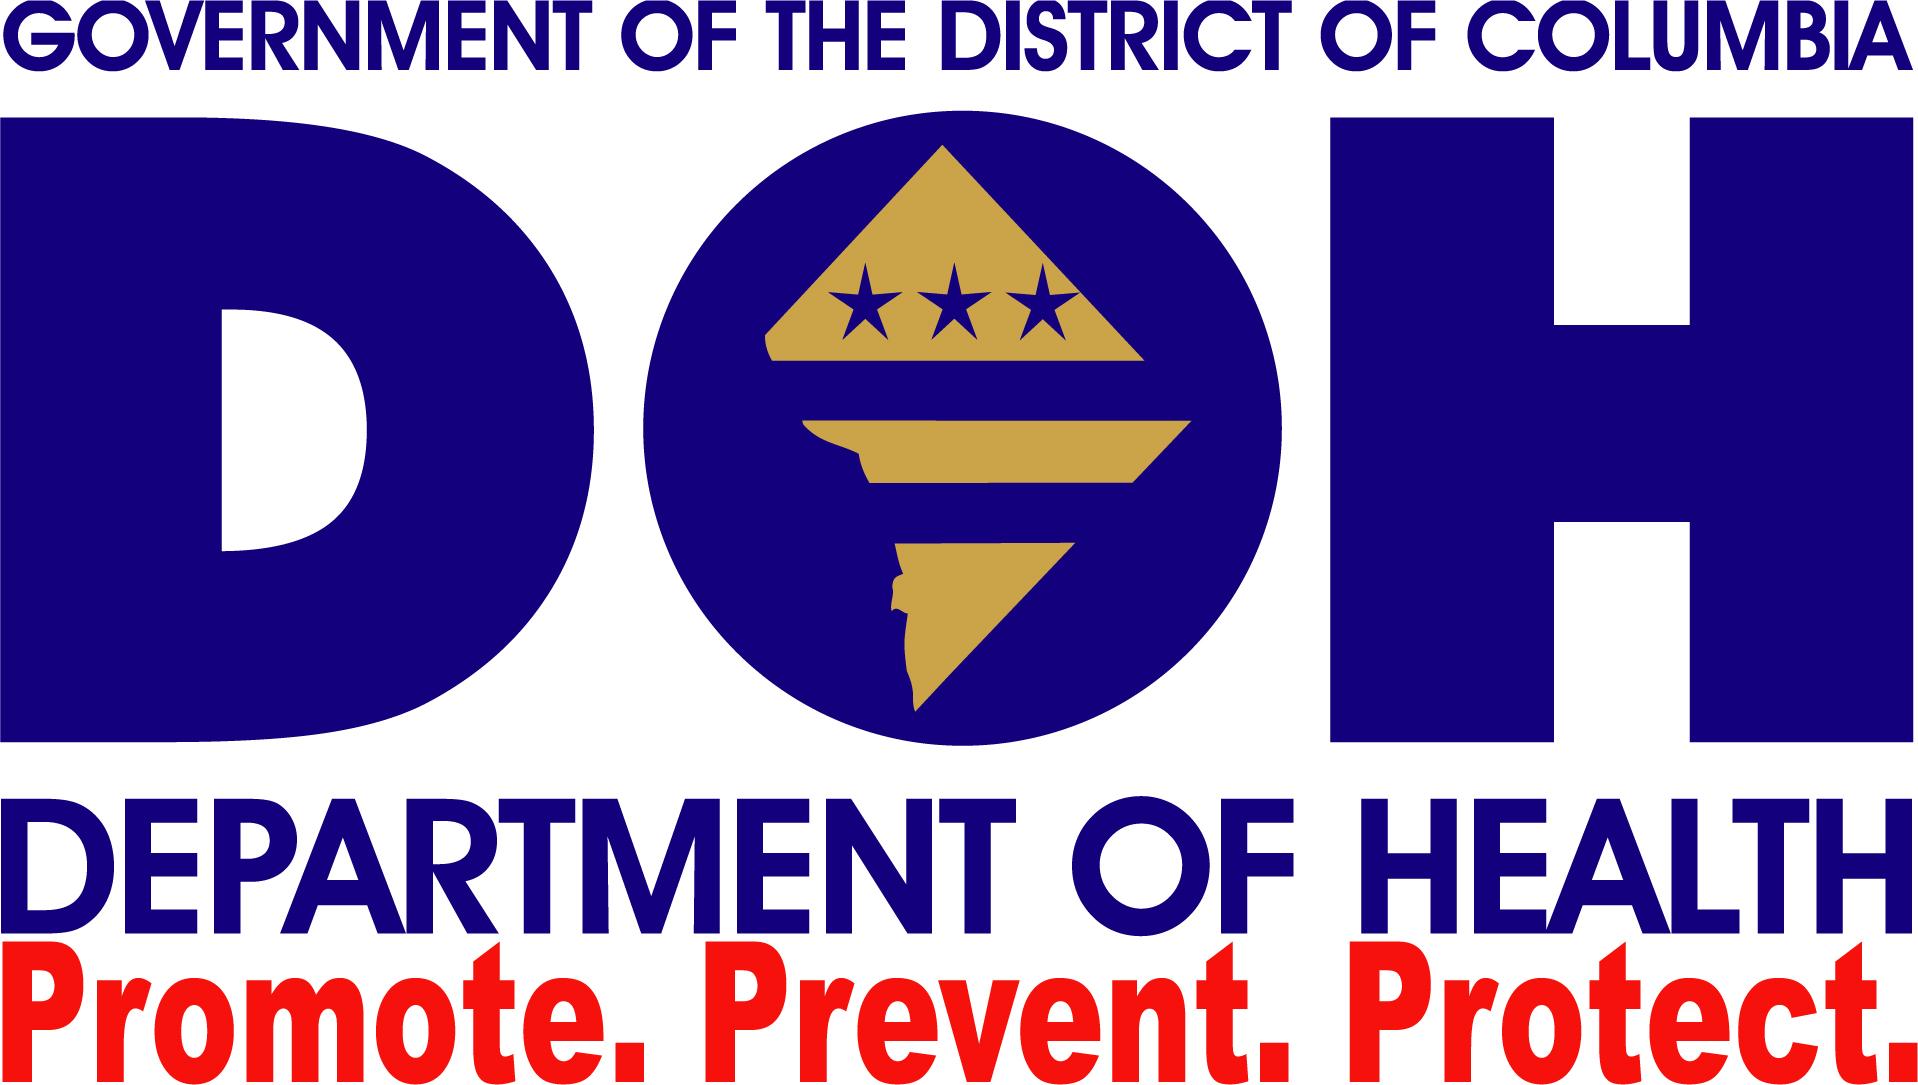 DOH_LOGO_Promote_Prevent_Protect.jpg